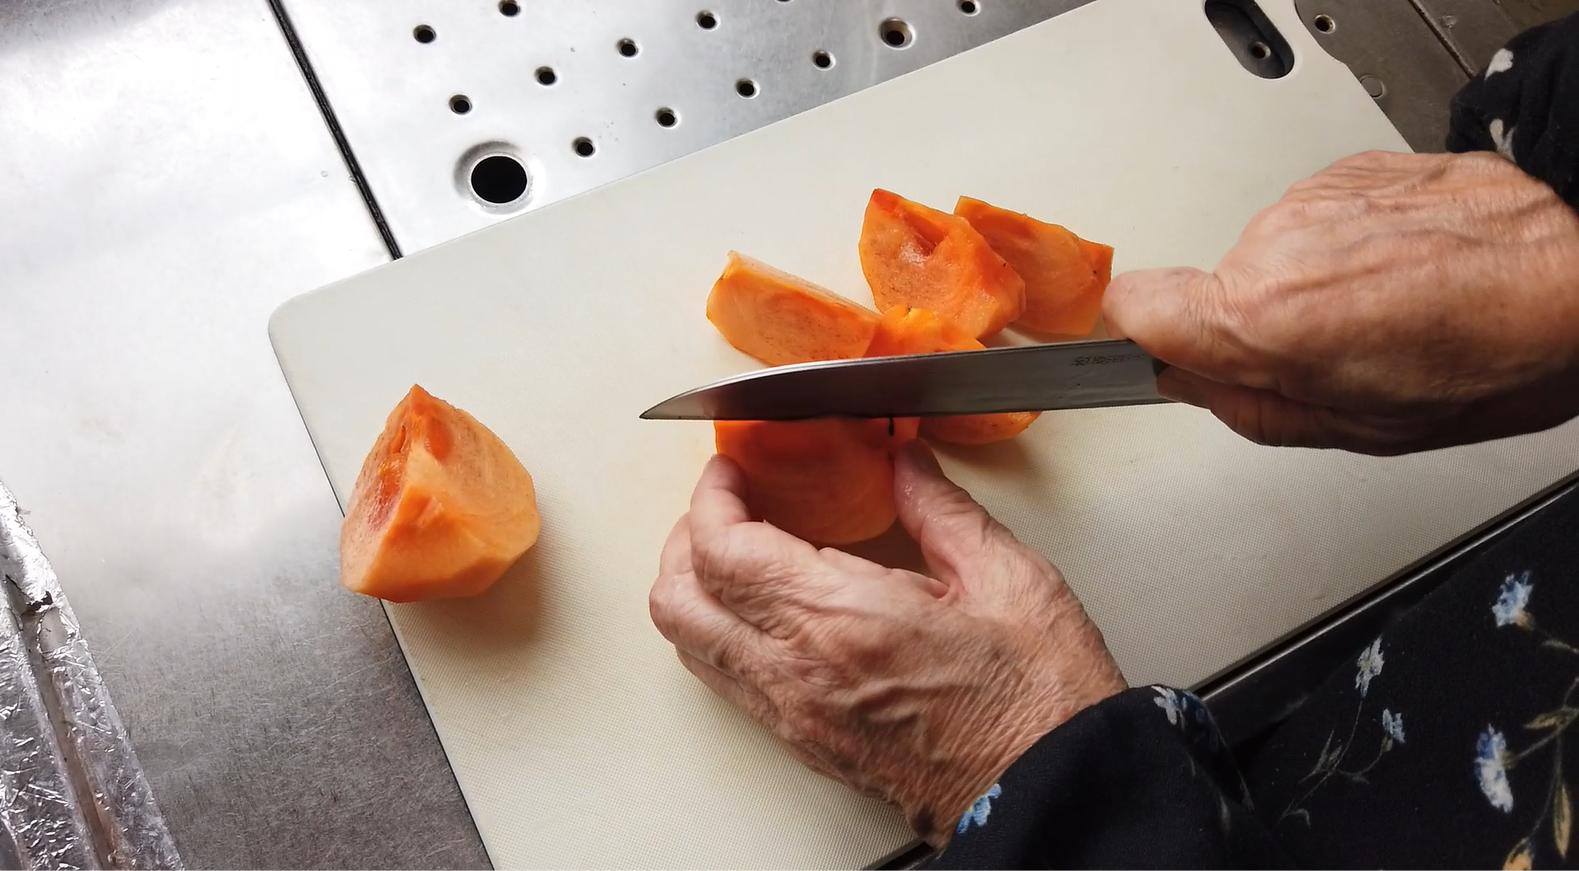 【柿とリンゴのマリネレシピ】1.柿をくし切りにします。